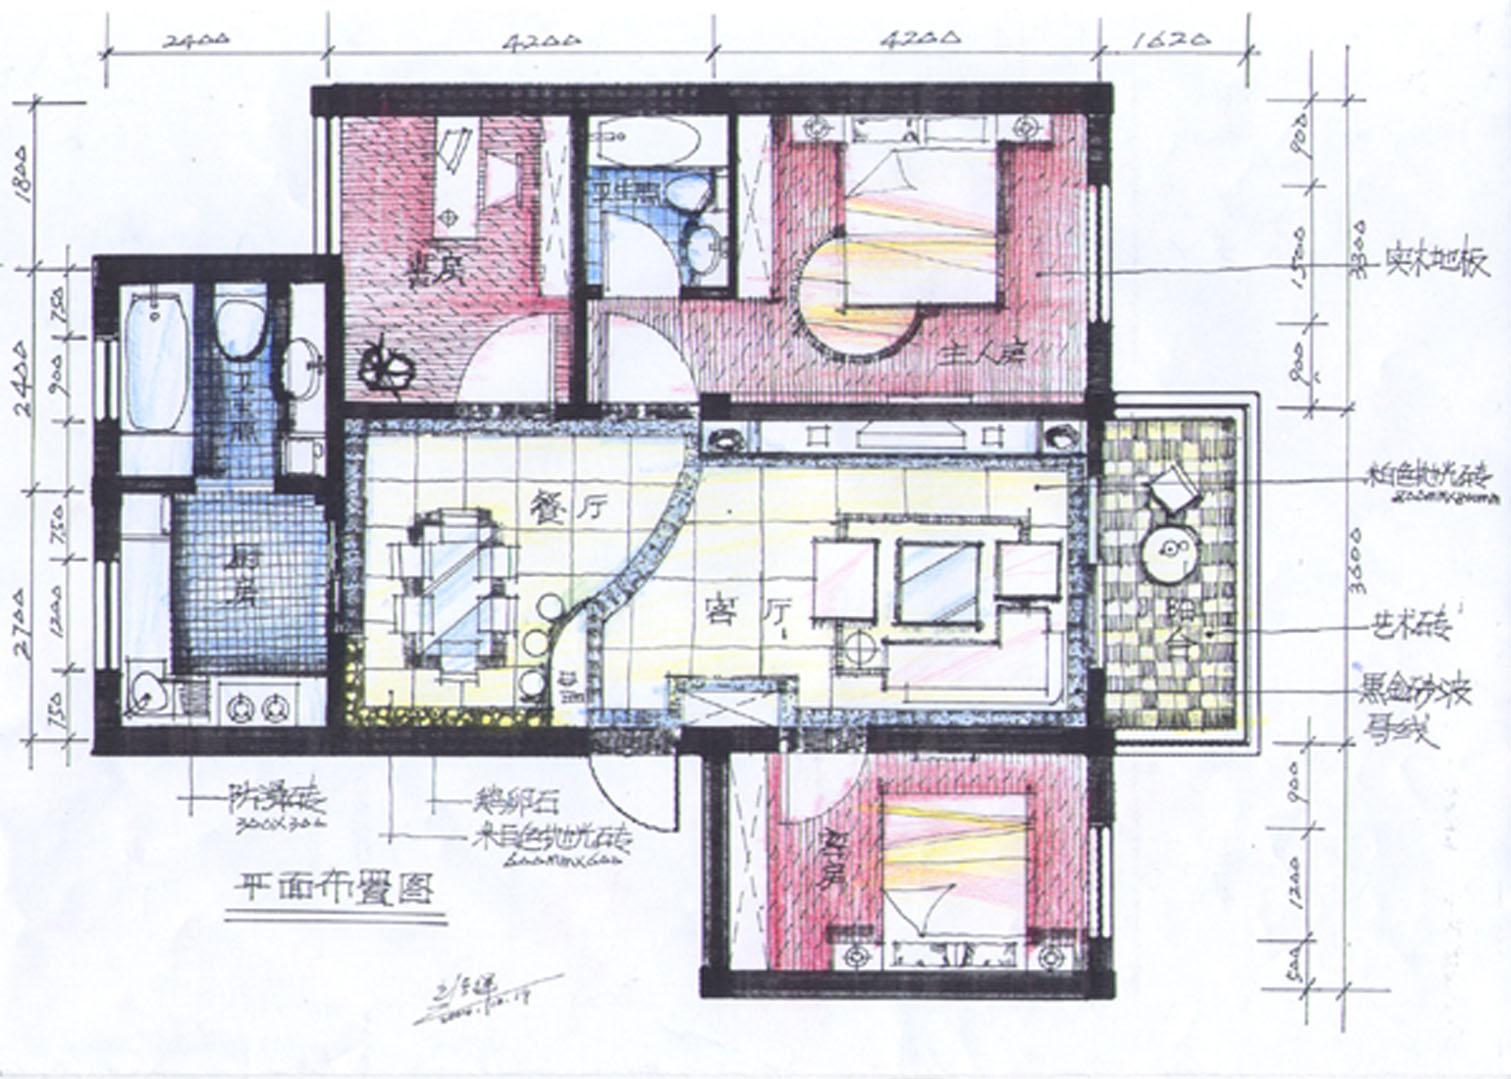 从 平面 布置到 手绘图 ,一套三居室的家 鸿扬 从 平面布置 到 手绘图